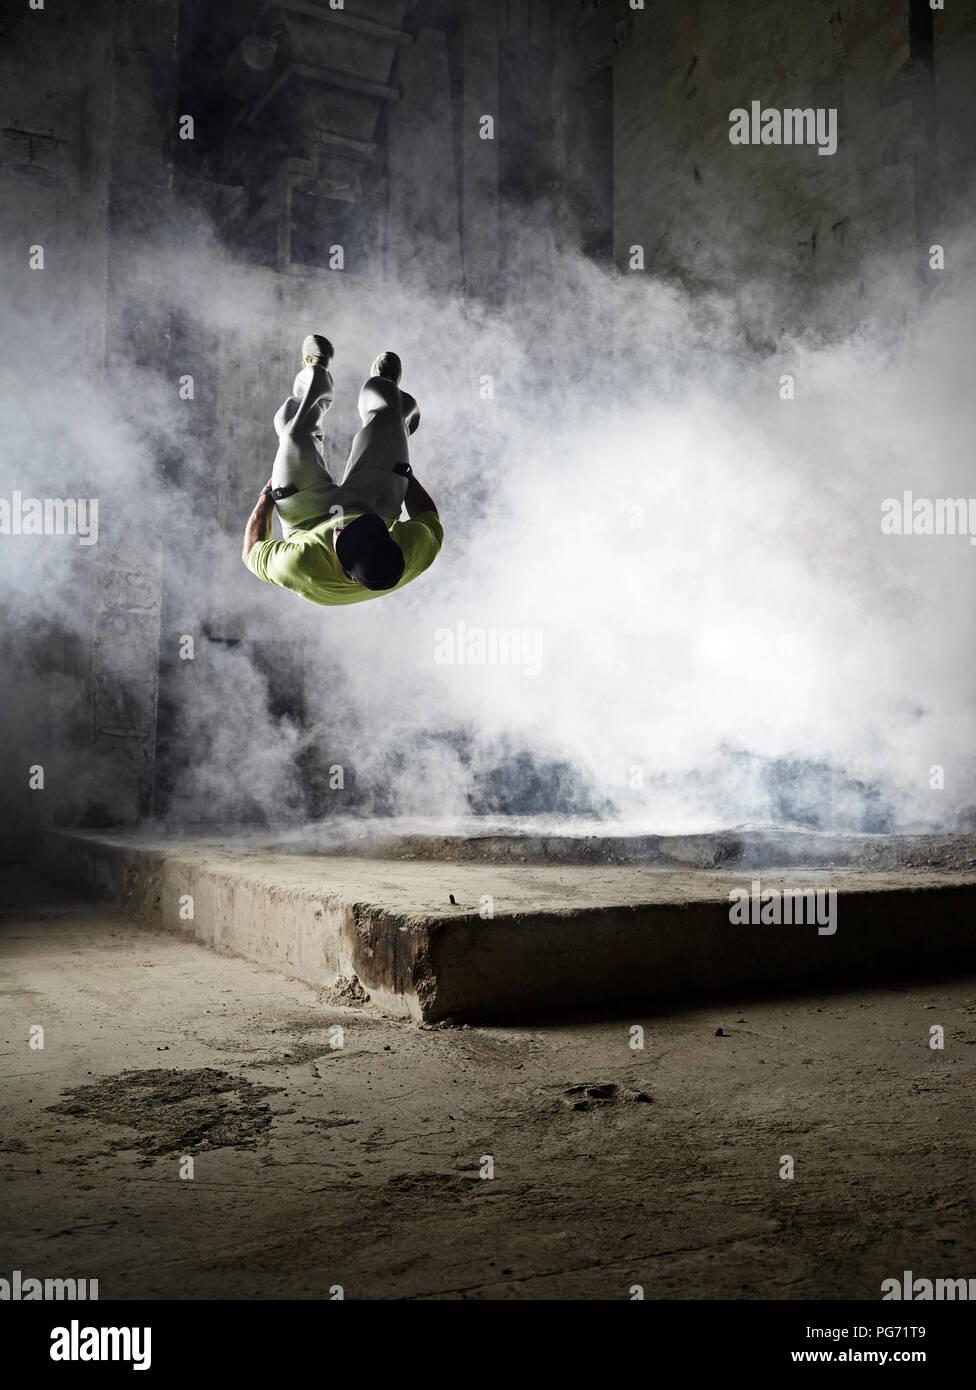 Mann in der Staubwolke während freerunning Übung springen Stockbild